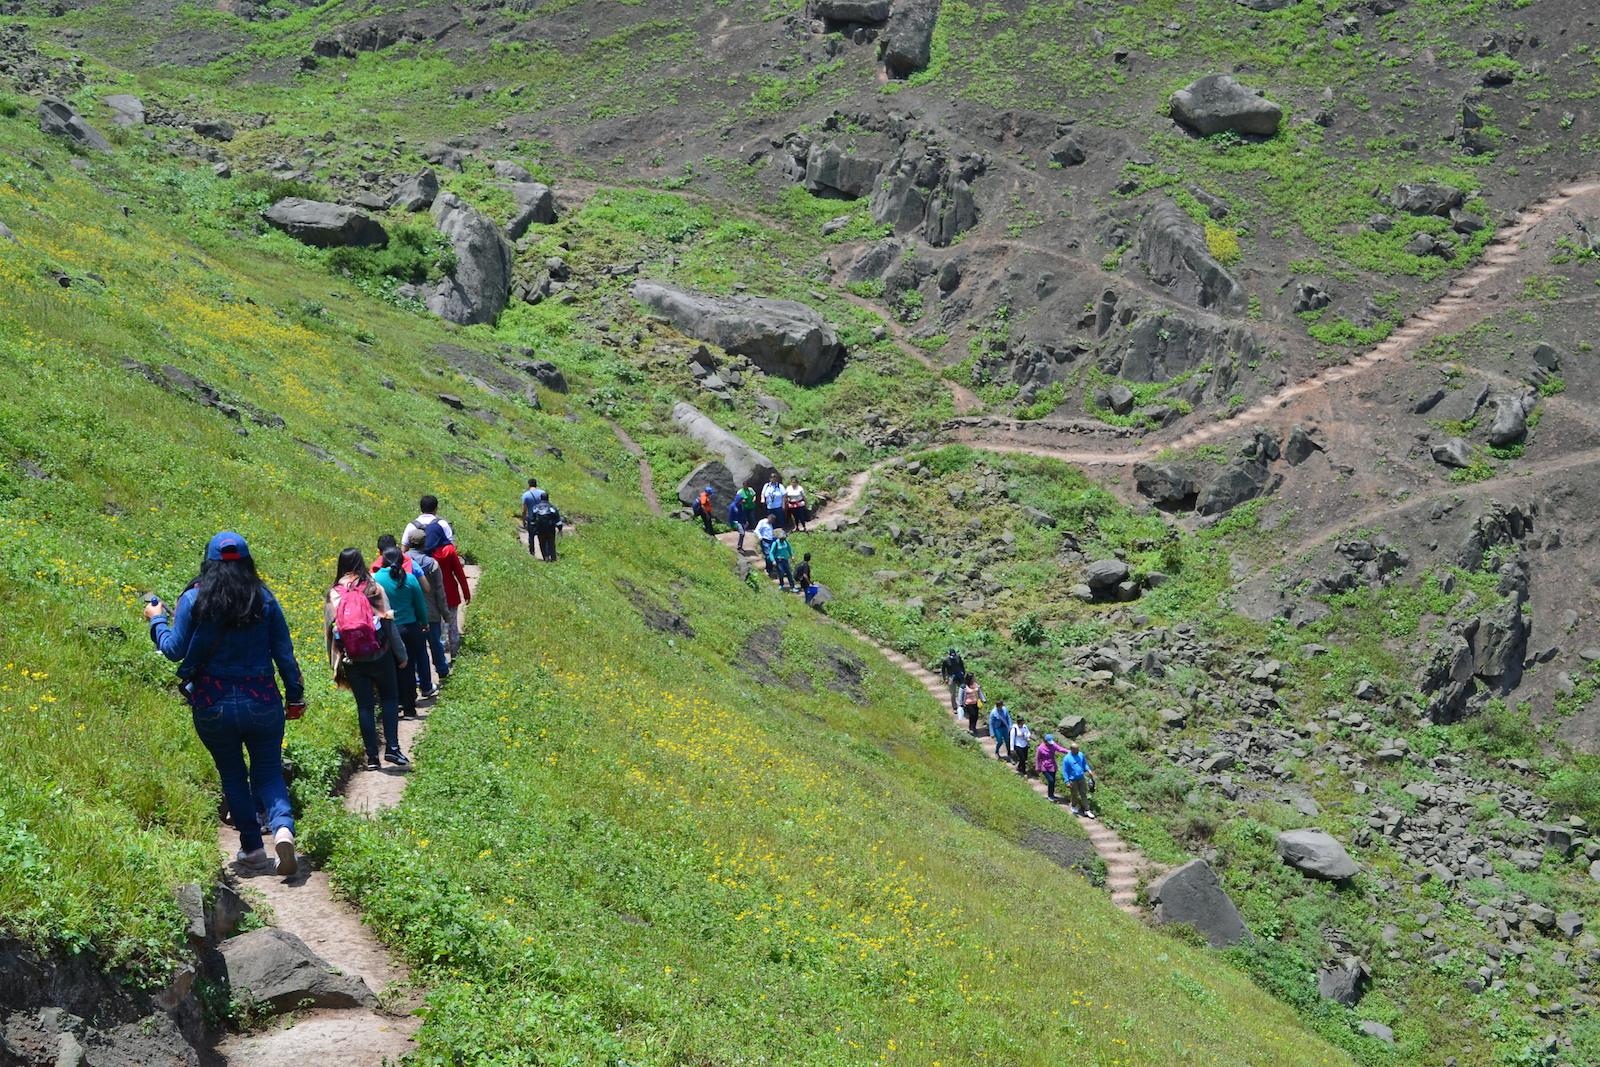 La Asociación Protectores Ambientales de la Flor y Lomas de Amancaes realiza recorridos ecoturísticos. Foto: Centro Urbes